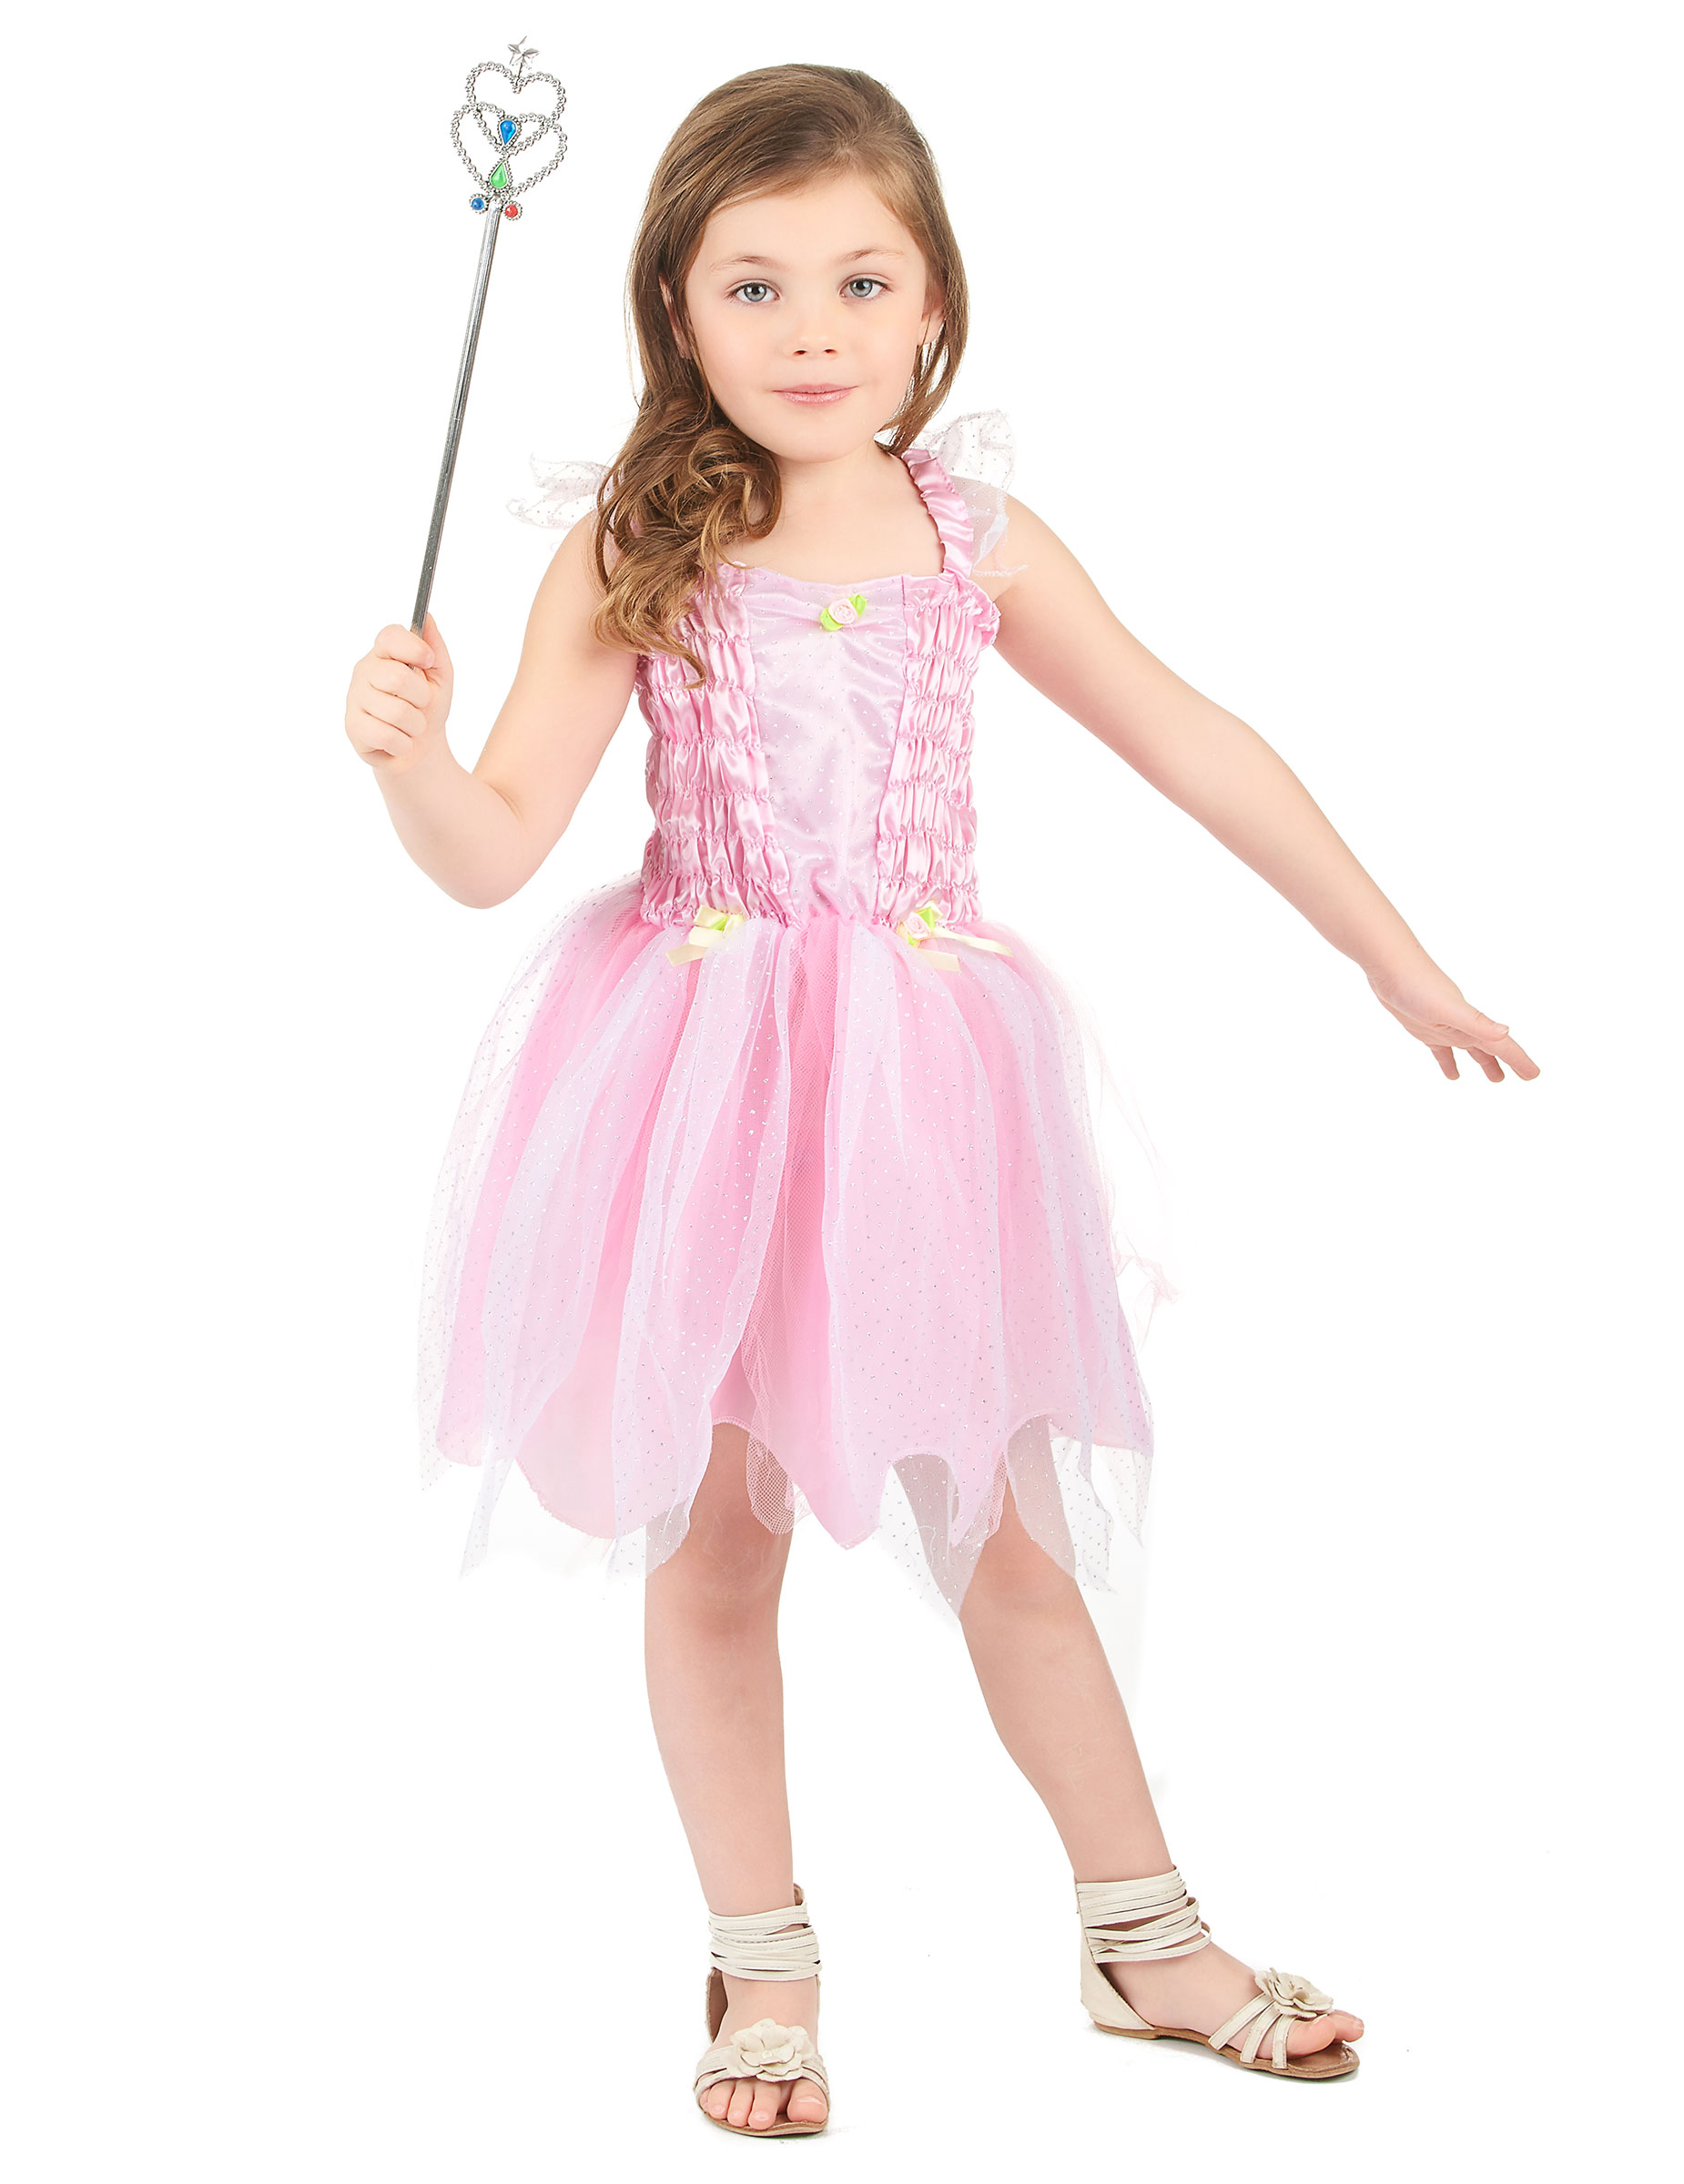 Rosa Prinzessin Fee Kostum Fur Madchen Kostume Fur Kinder Und